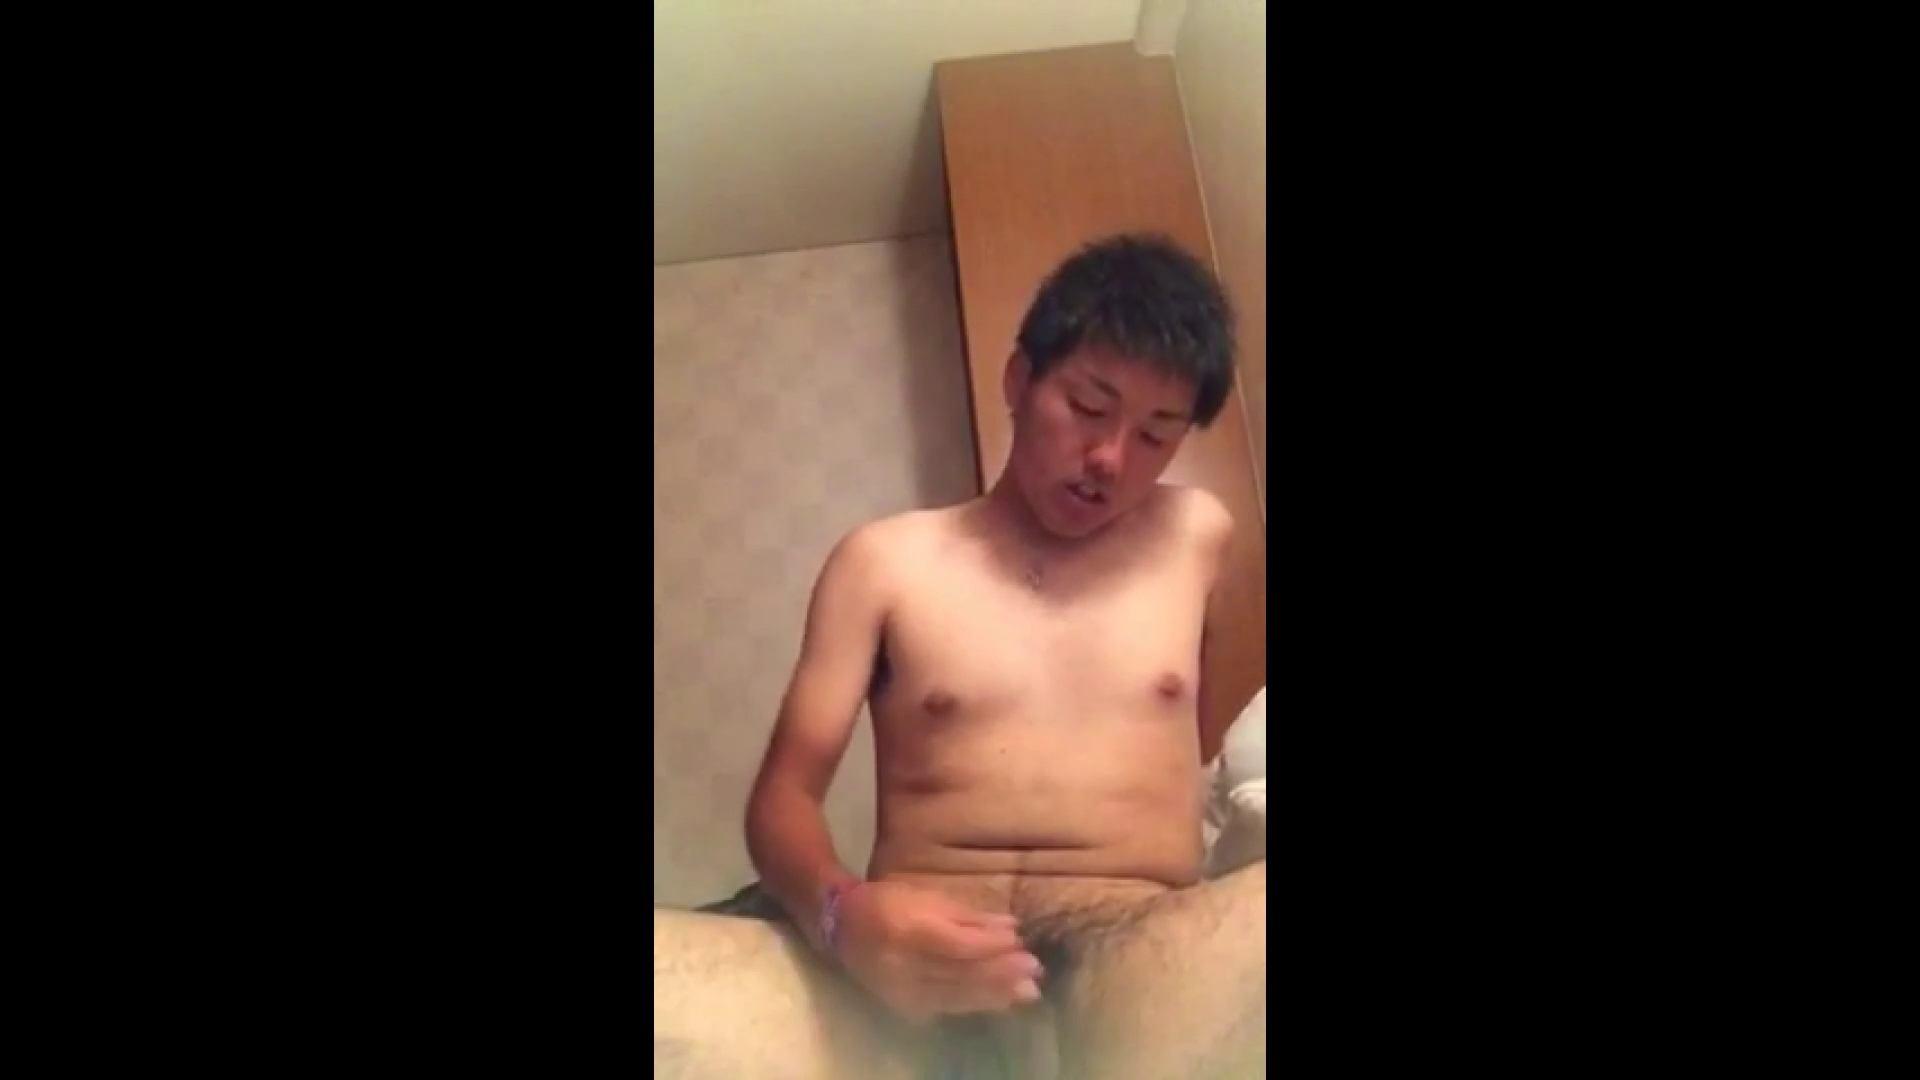 キター!ノンケちゃんオナニー特集vol.29 モザイク無し ゲイ無修正ビデオ画像 107pic 99